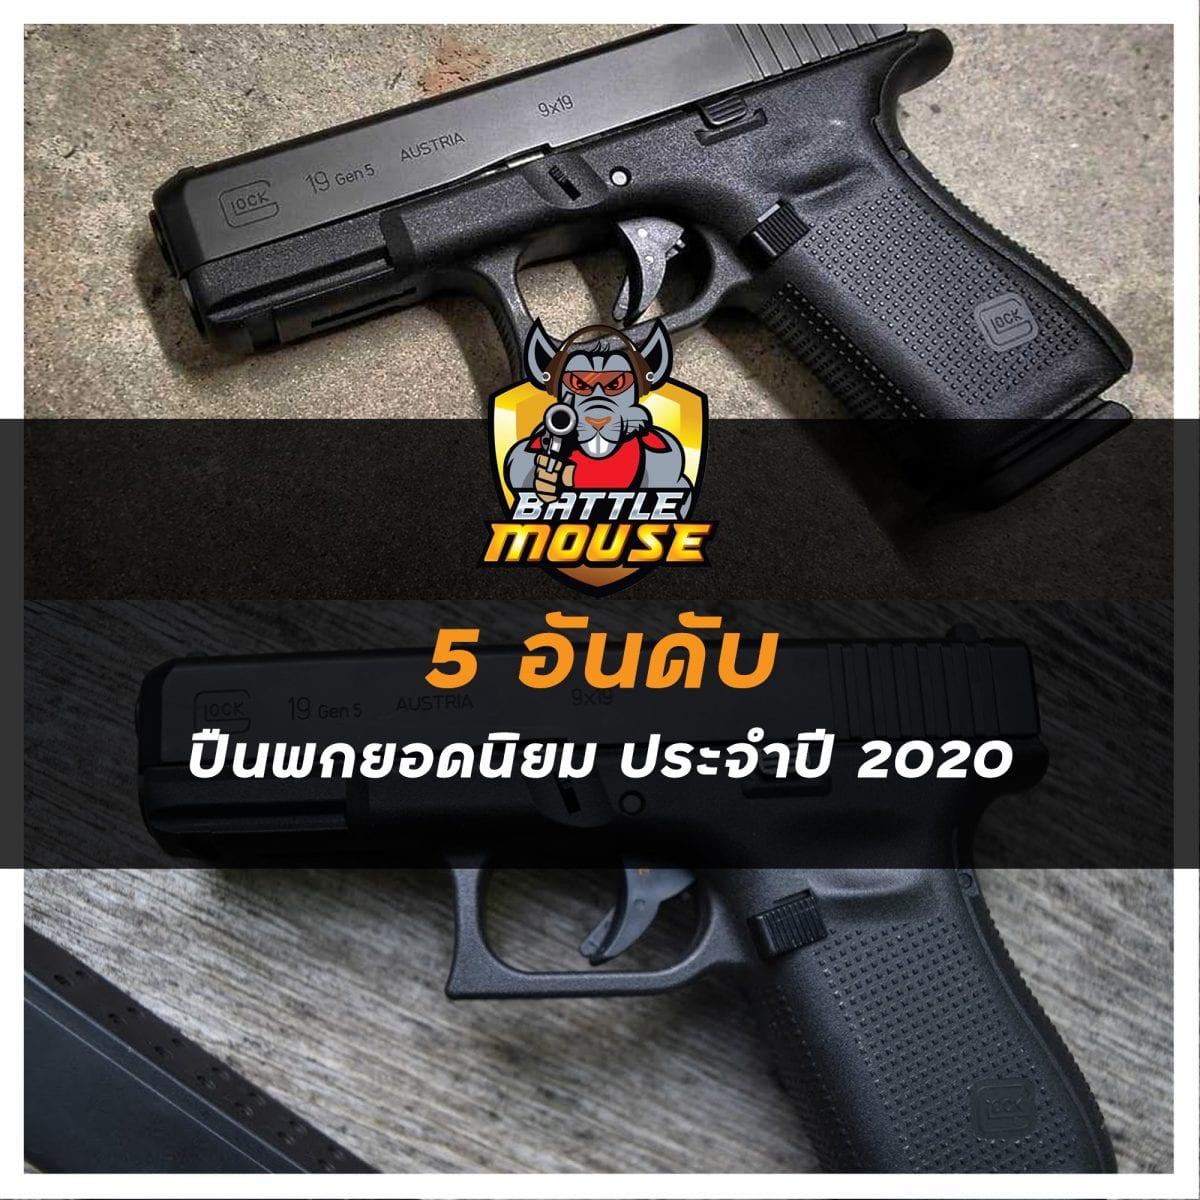 5 อันดับ ปืนพก ยอดนิยม ประจำปี 2020